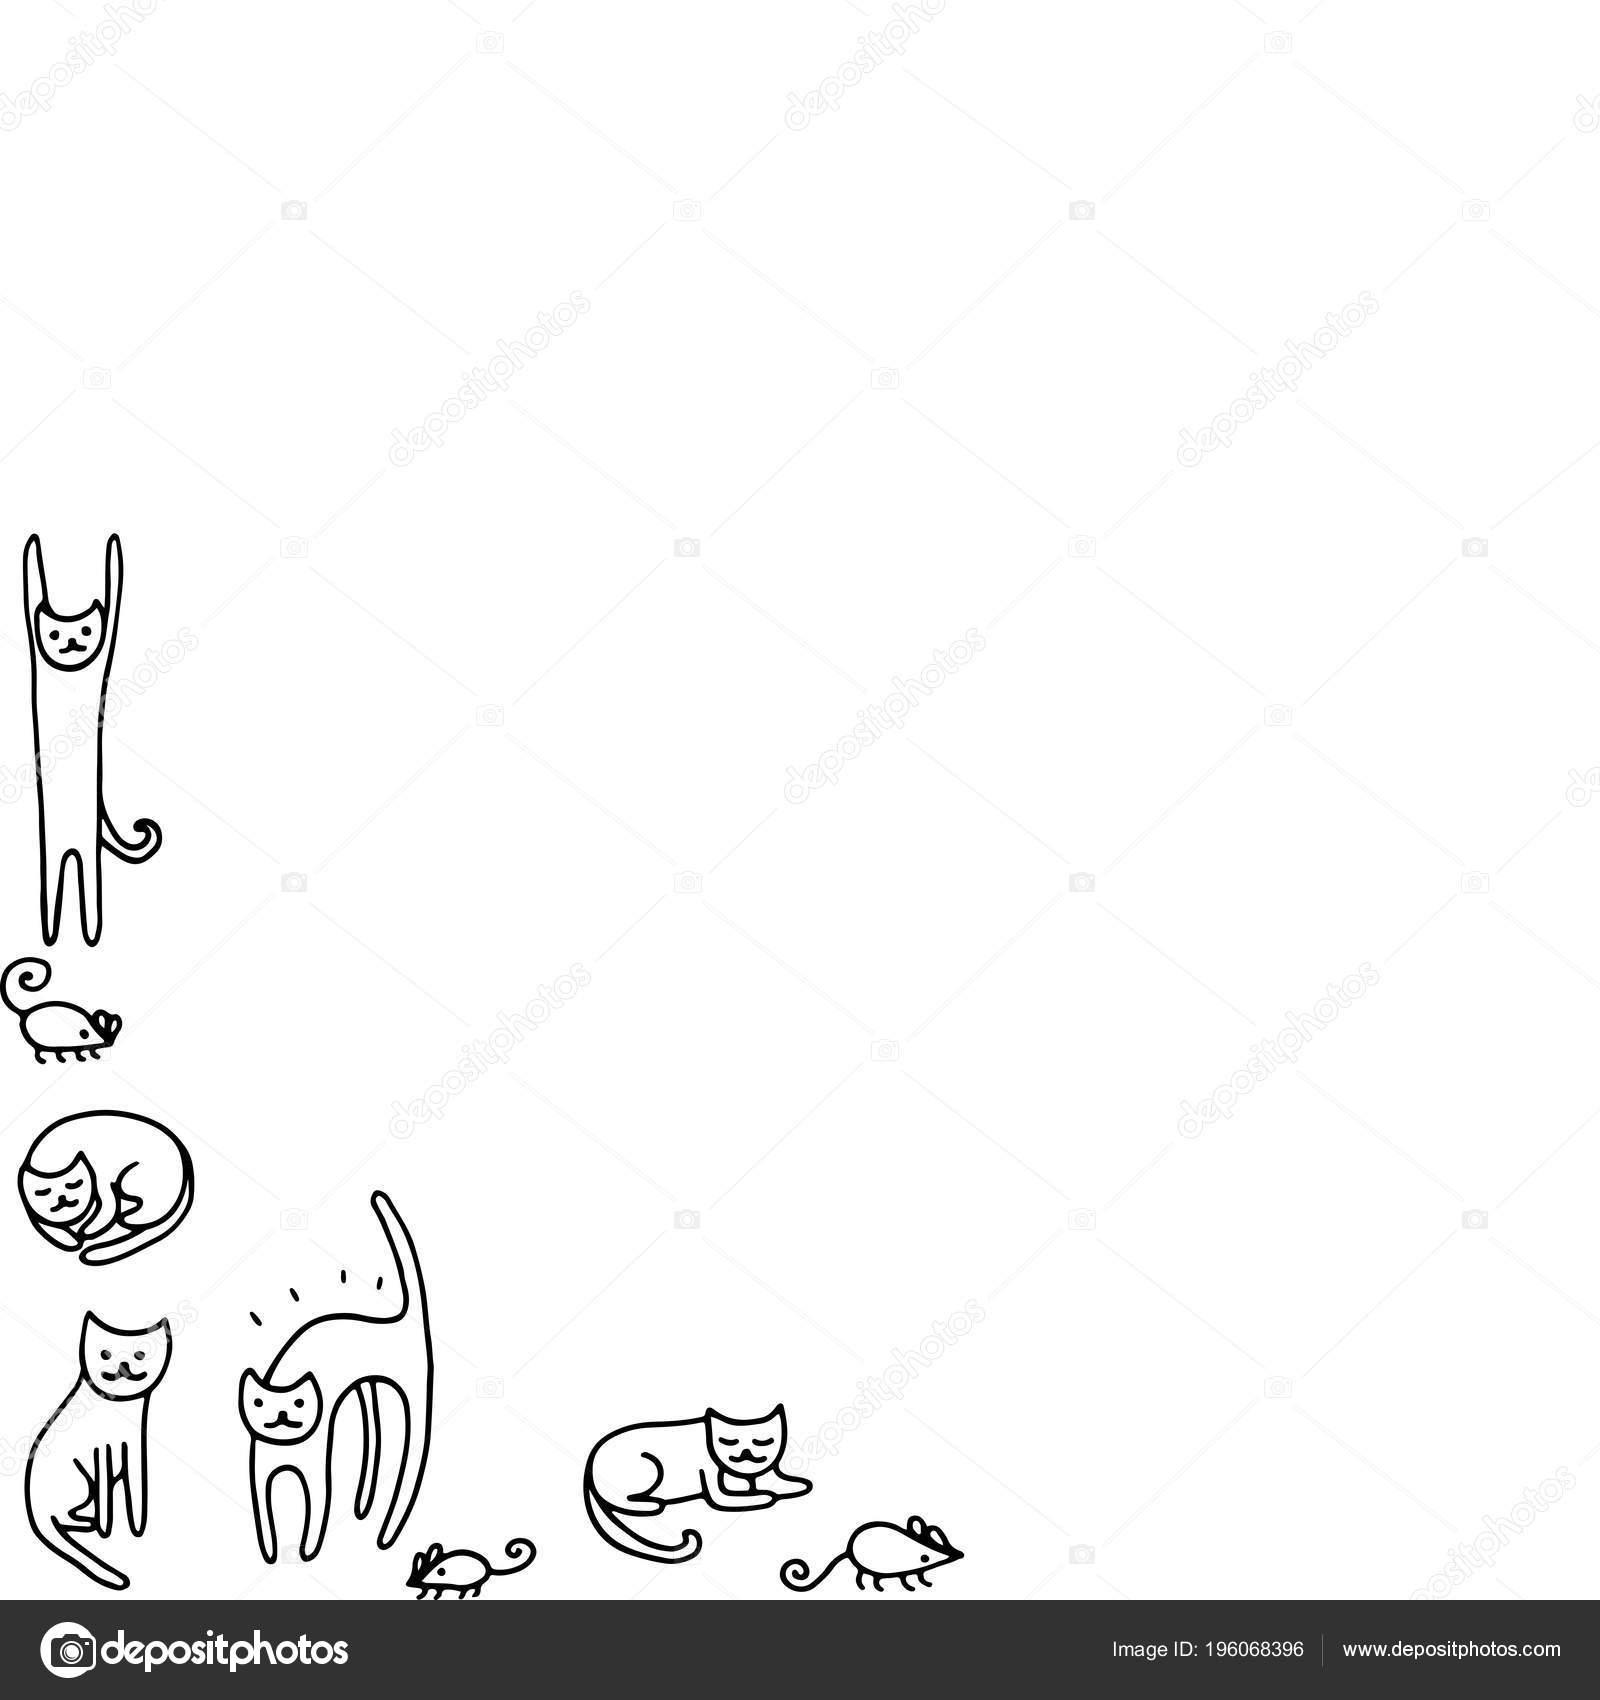 каракули рама смешные кошки раскраски взрослых векторные